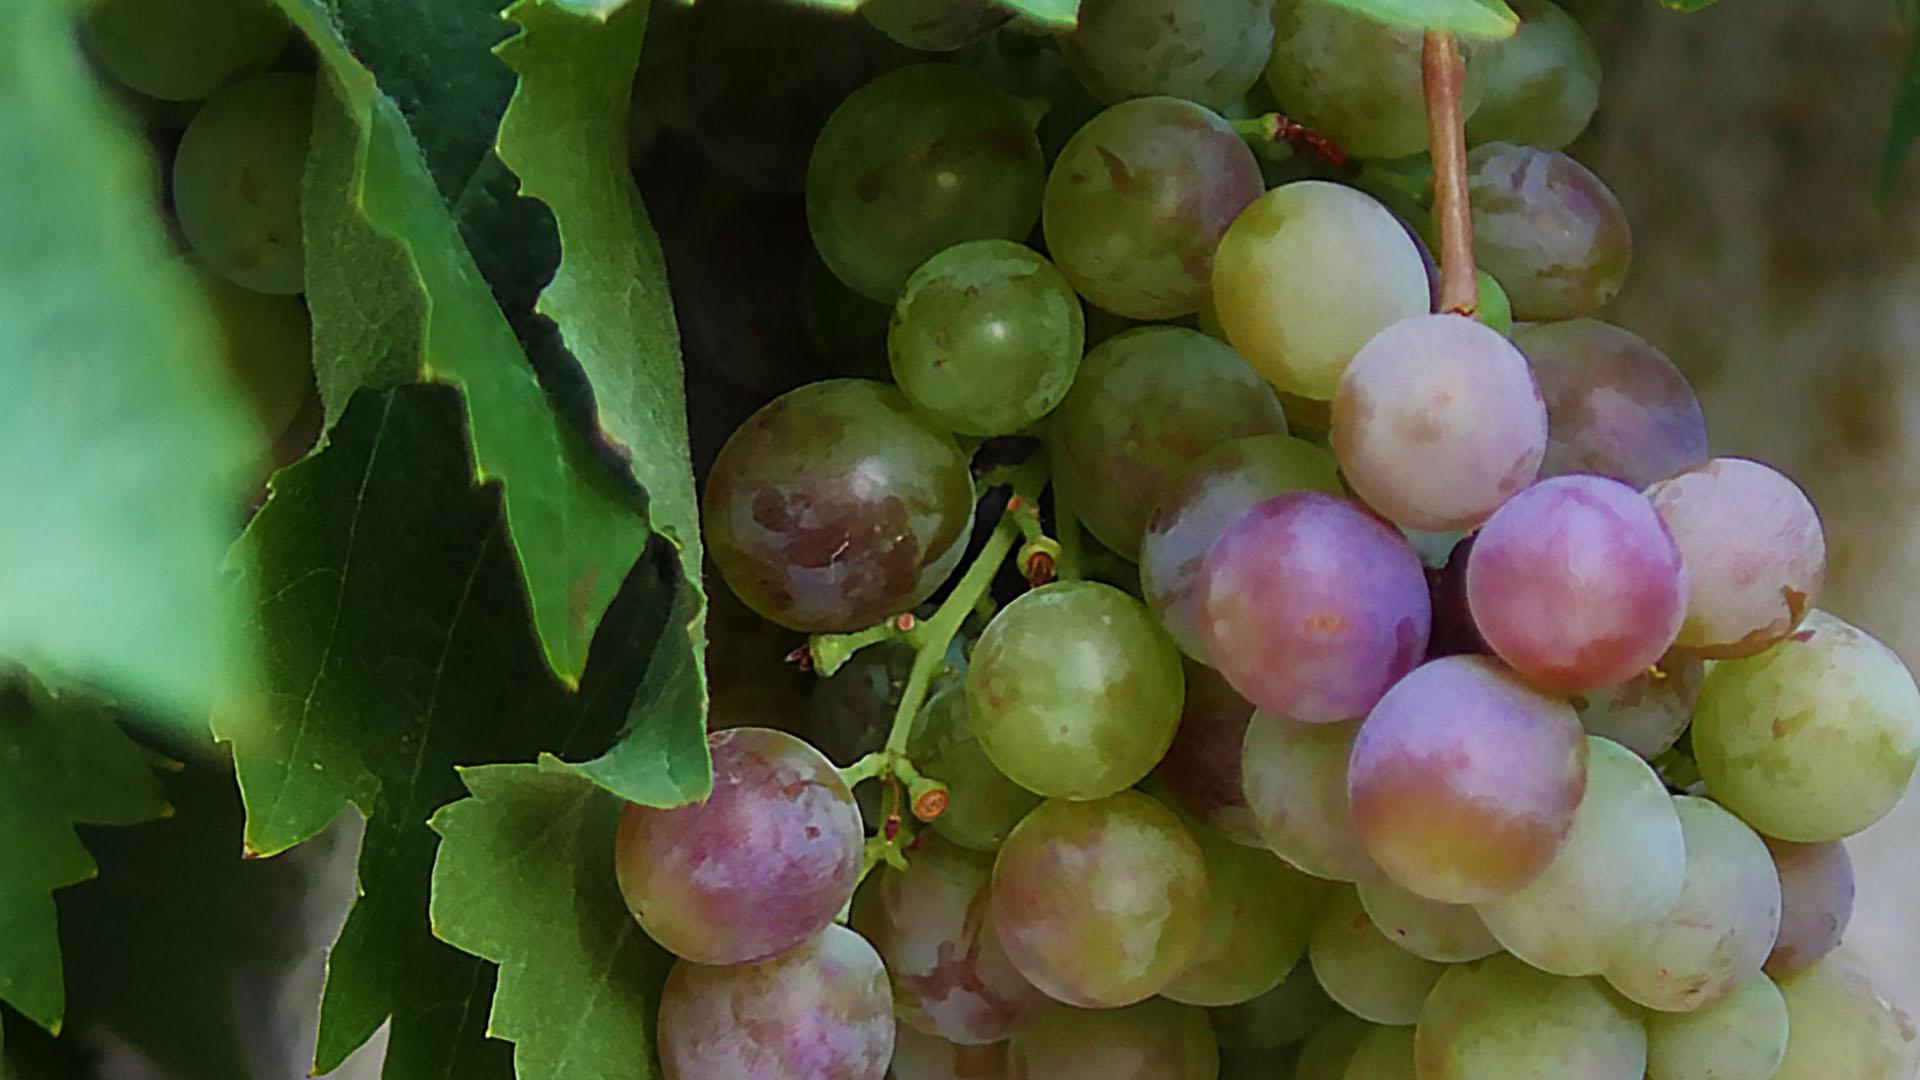 Reife Weintrauben weißer Rebsorte mit grünen Blättern. Detail.